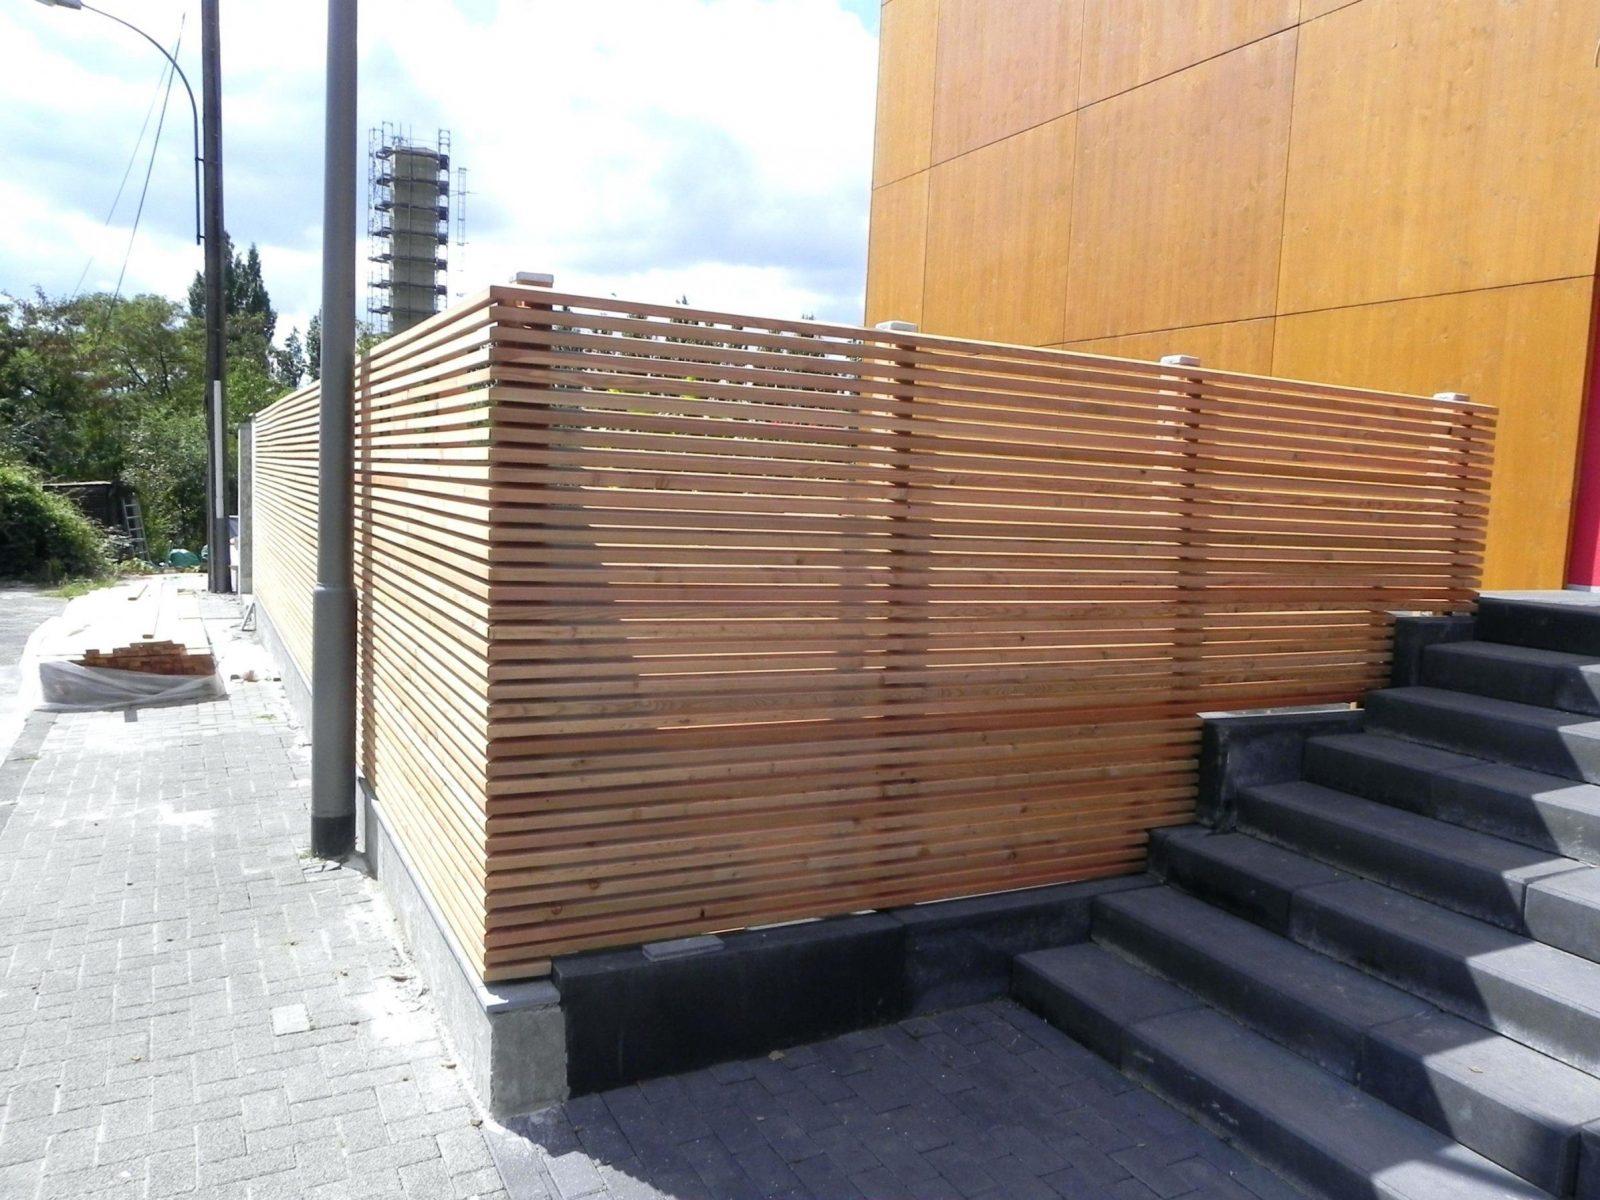 Gartenzaun Selber Machen Gallery Of Zaun Aus Holz Fundament von Sichtschutzzaun Holz Selber Bauen Photo